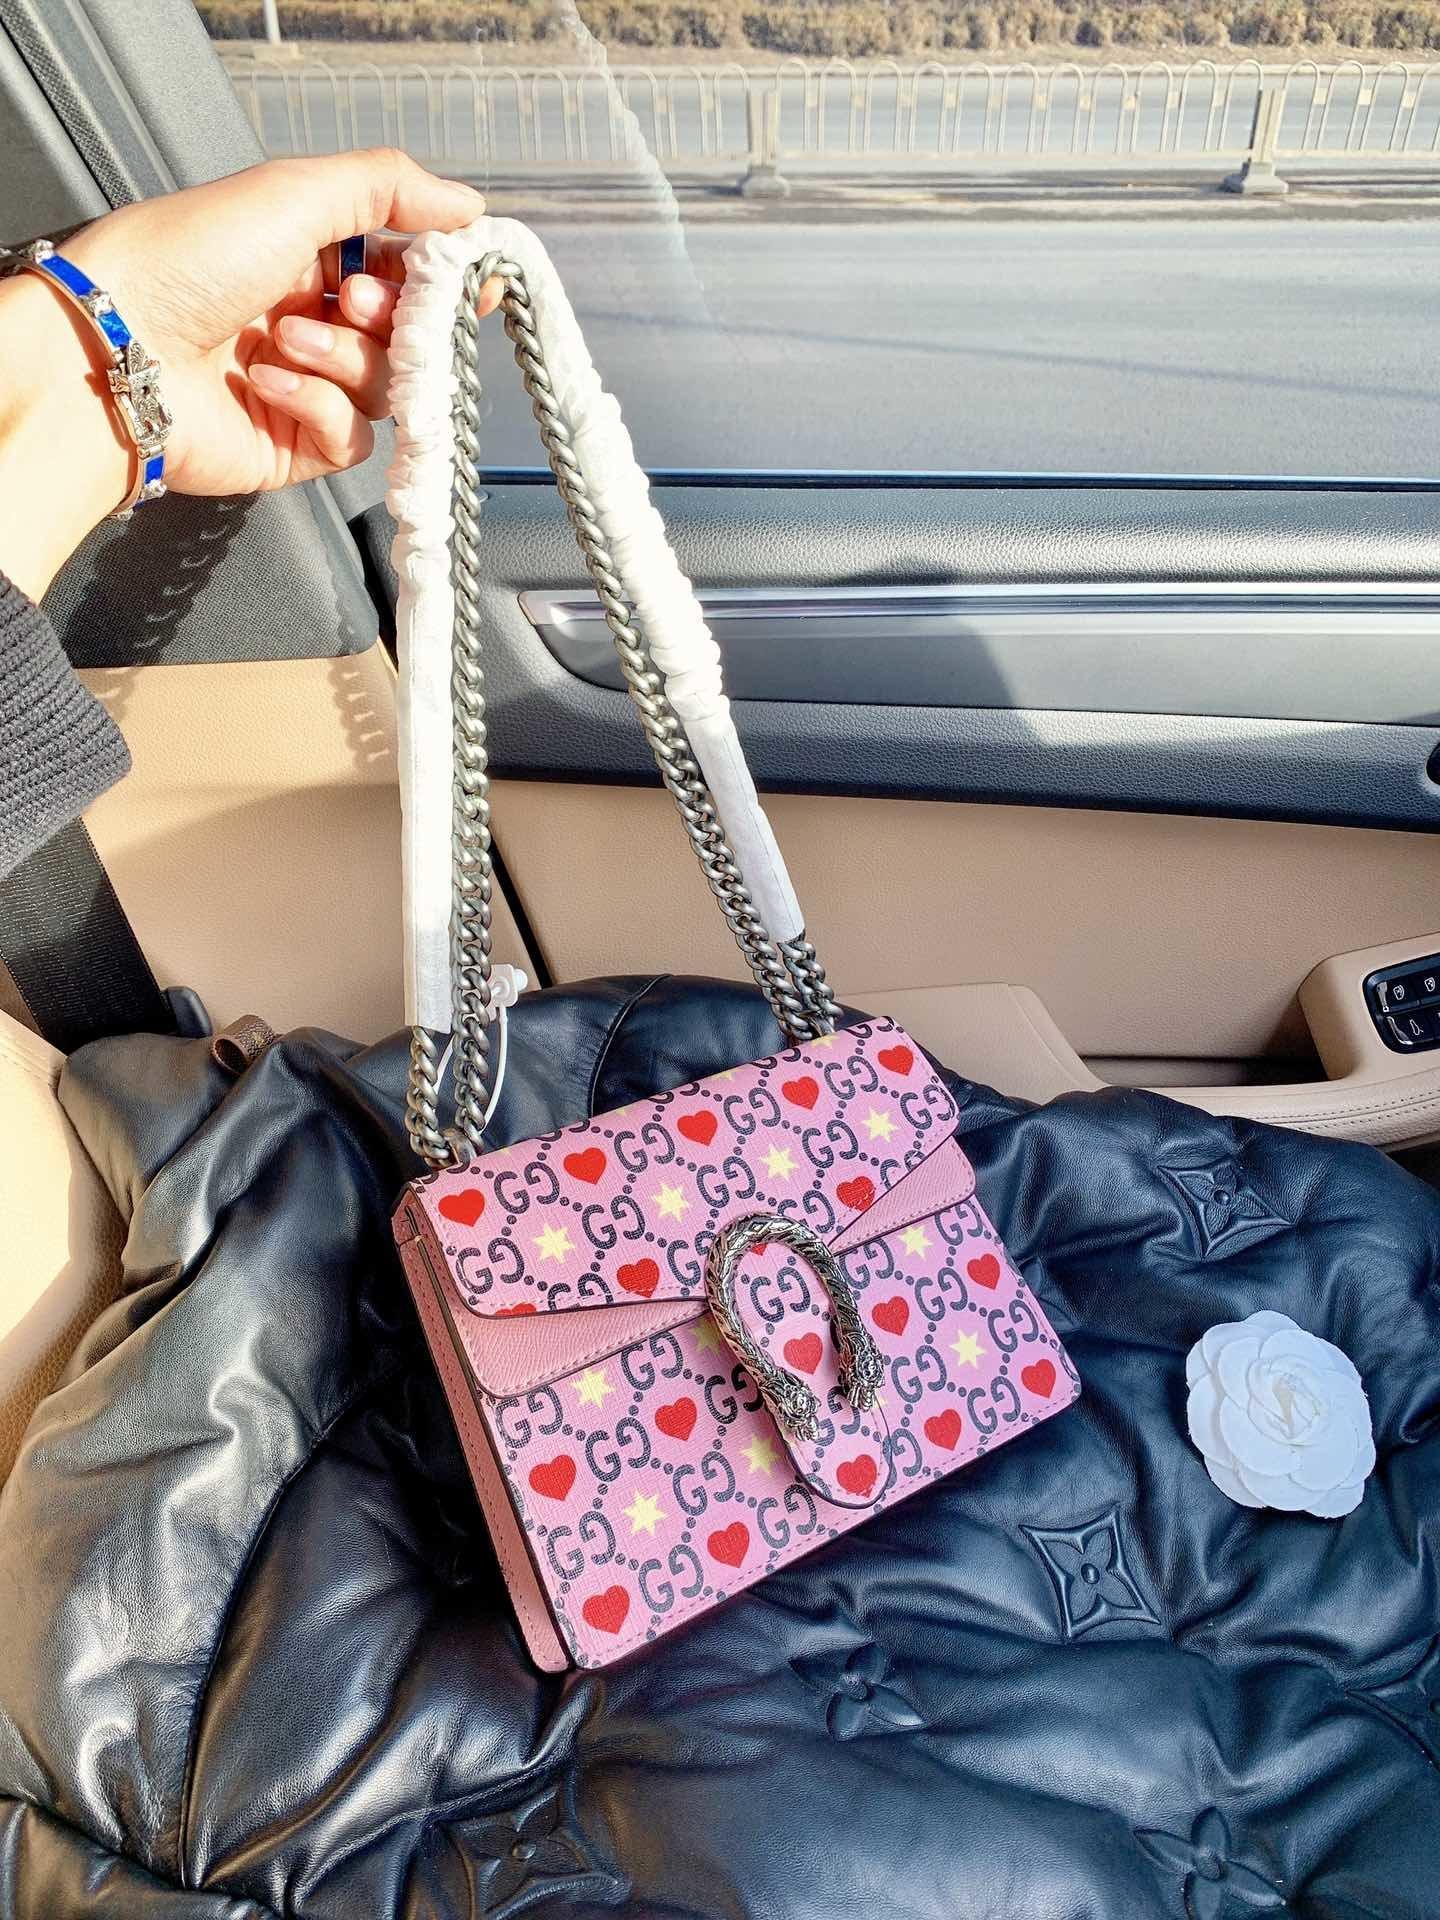 Любовь граффити цепи сумки дизайнер рюкзак кошелек Кроссбоди сумка сумка дизайнер сумки 2020 роскошь дизайнер женщина мешки 2020 новый